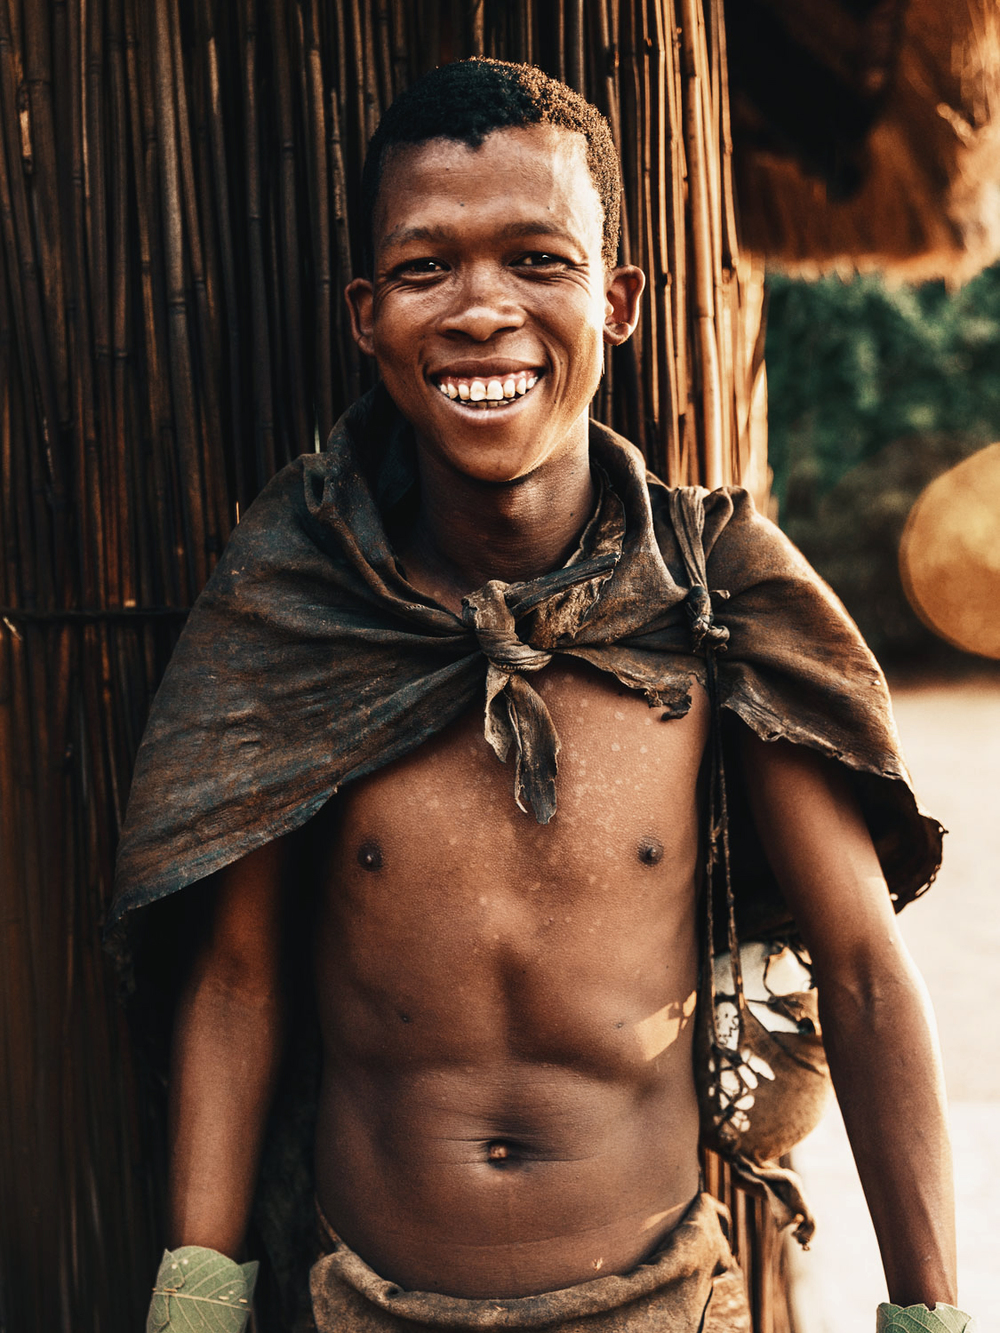 CallieGiovanna_Africa_Botswana_Kalahari_20150101_03181.jpg